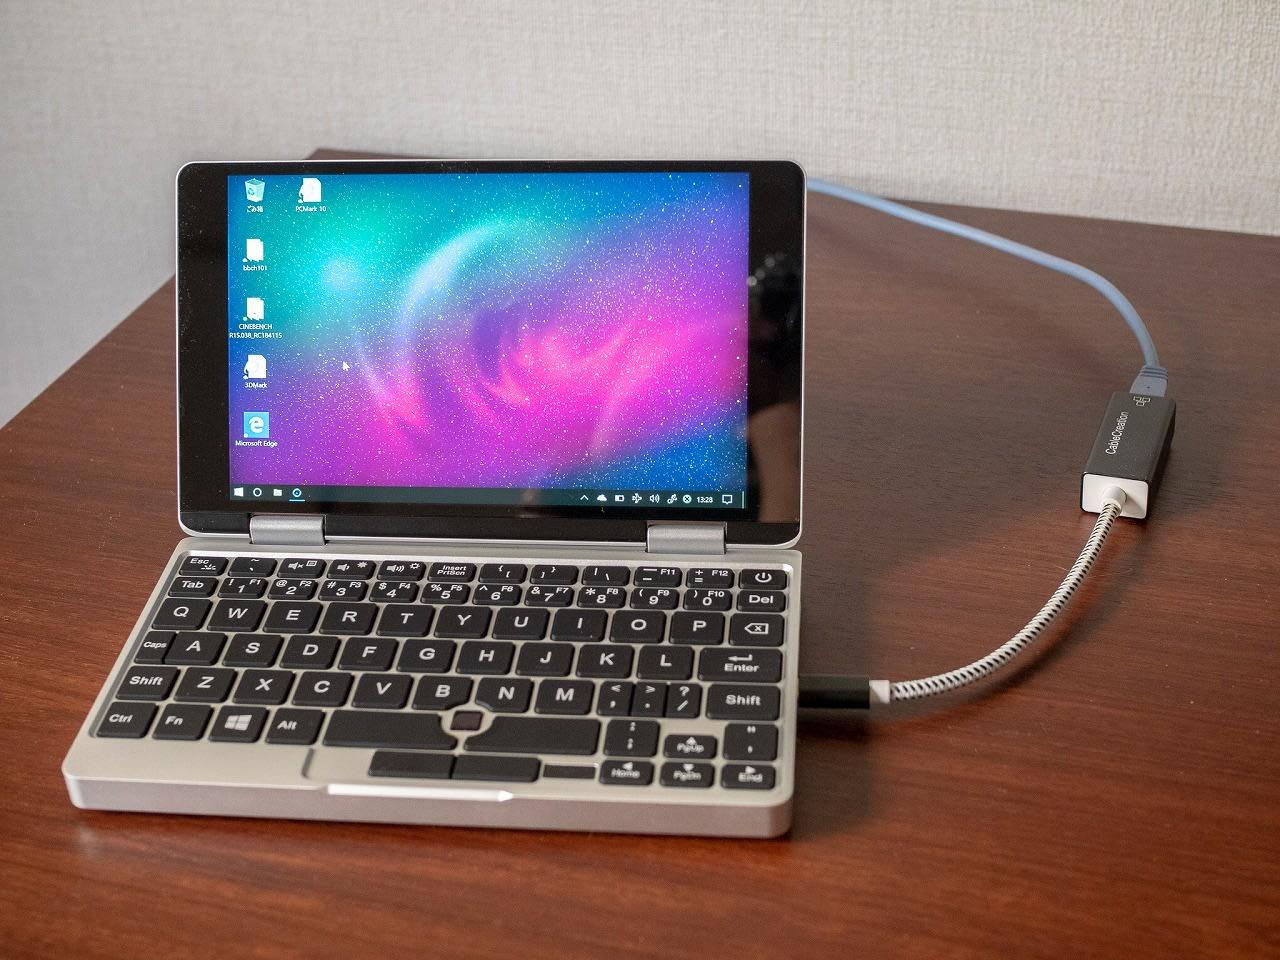 One-netbook OneMix 2S